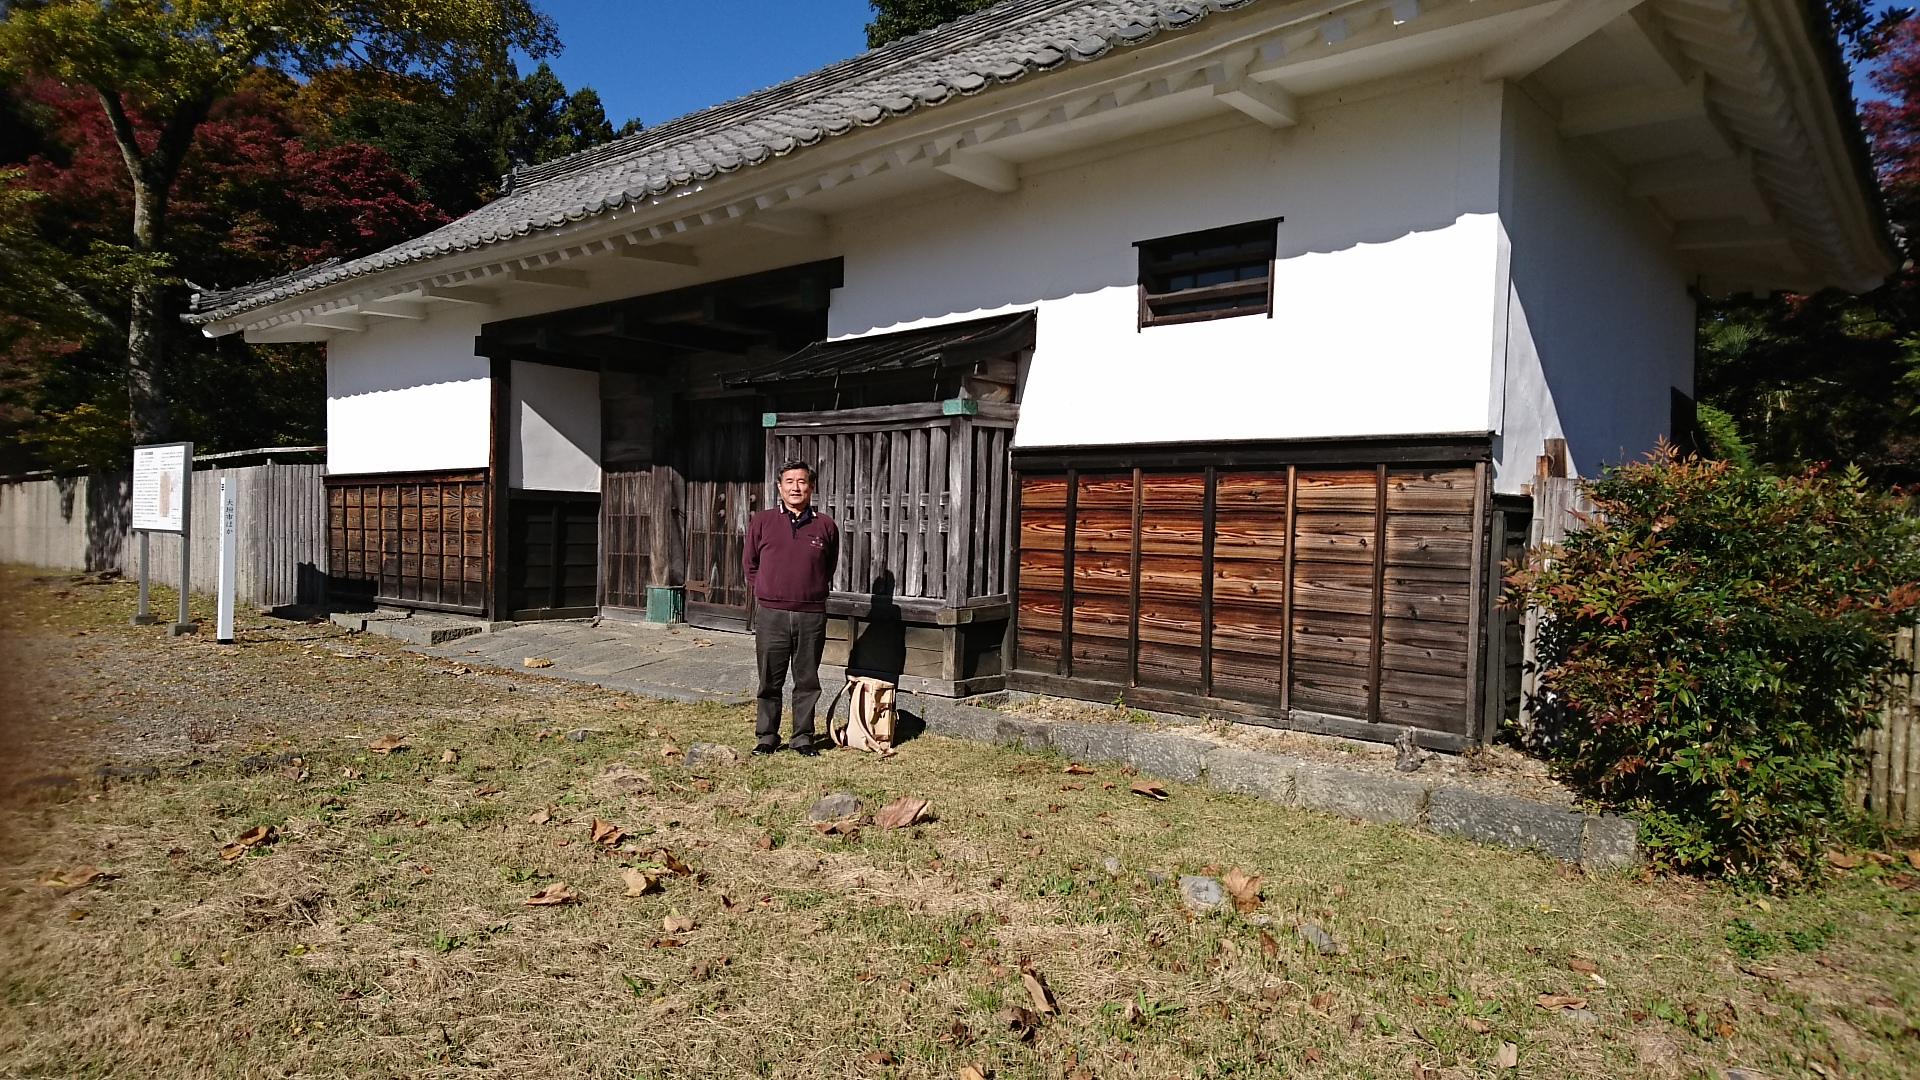 2016.11.16 上石津 (1) 宮 - 西高木家陣屋あと